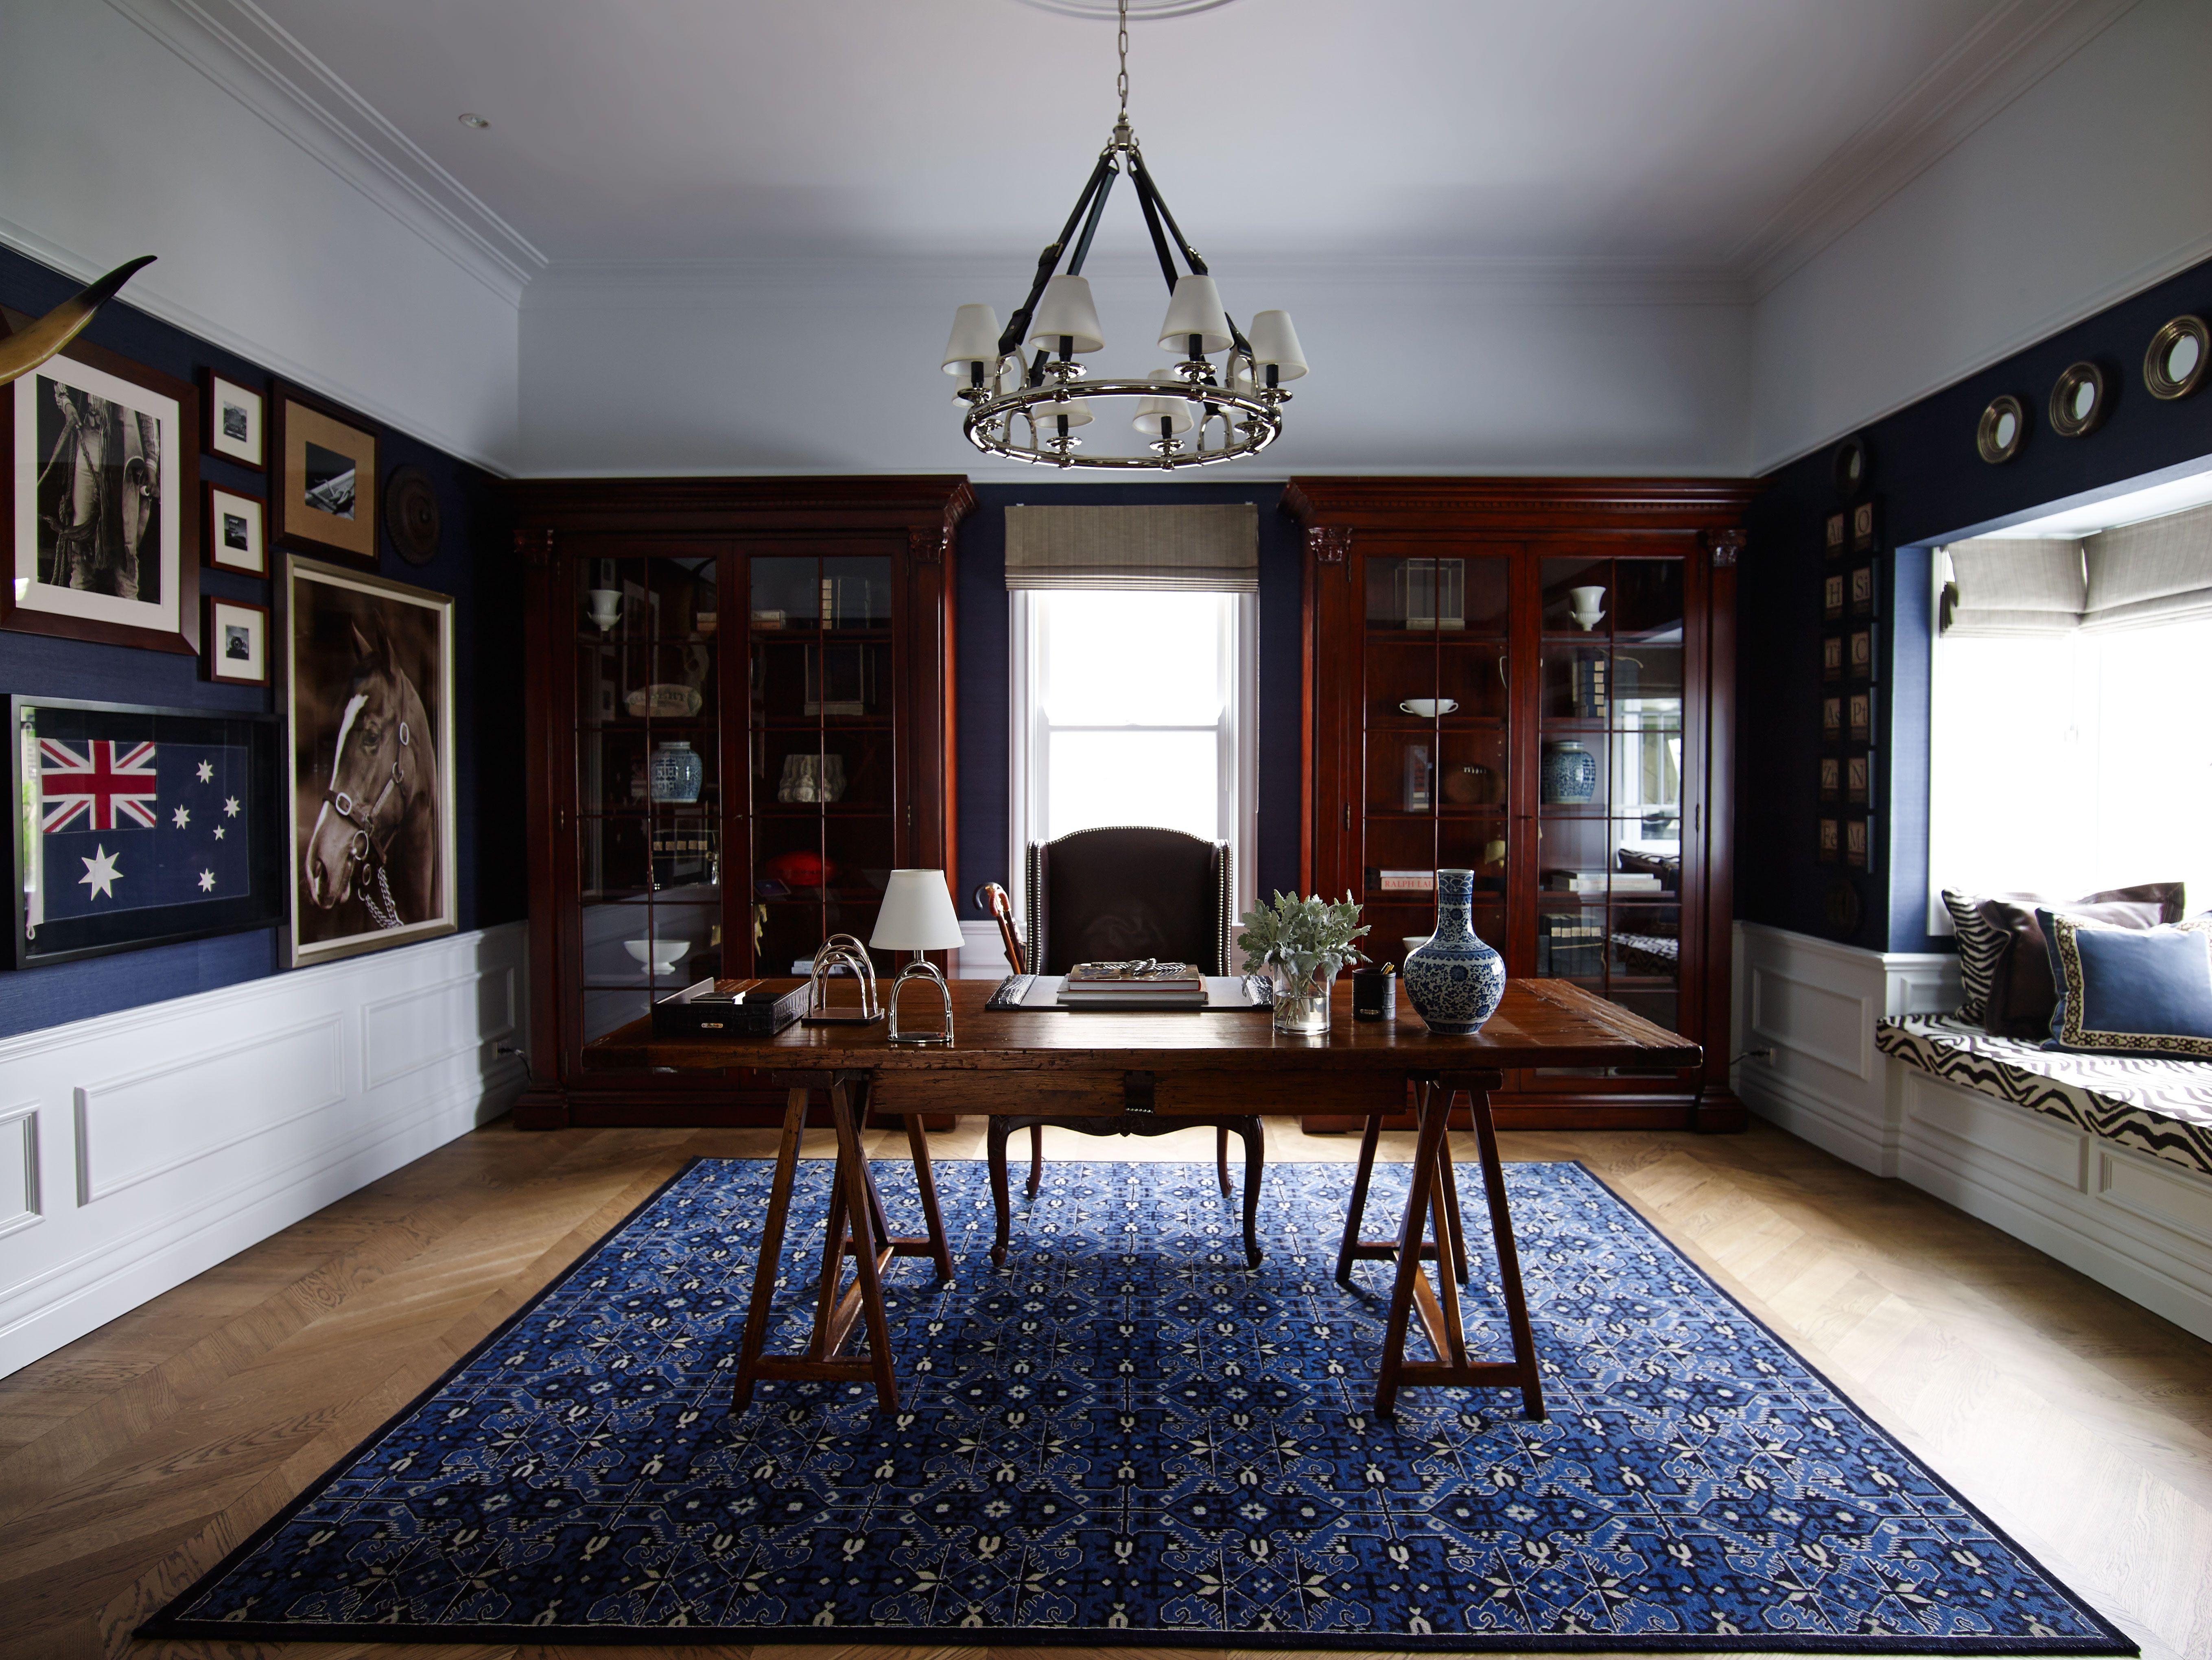 Old World Antique Interior Design Ideas S Izobrazheniyami Dlya Doma Dom Idei Interera